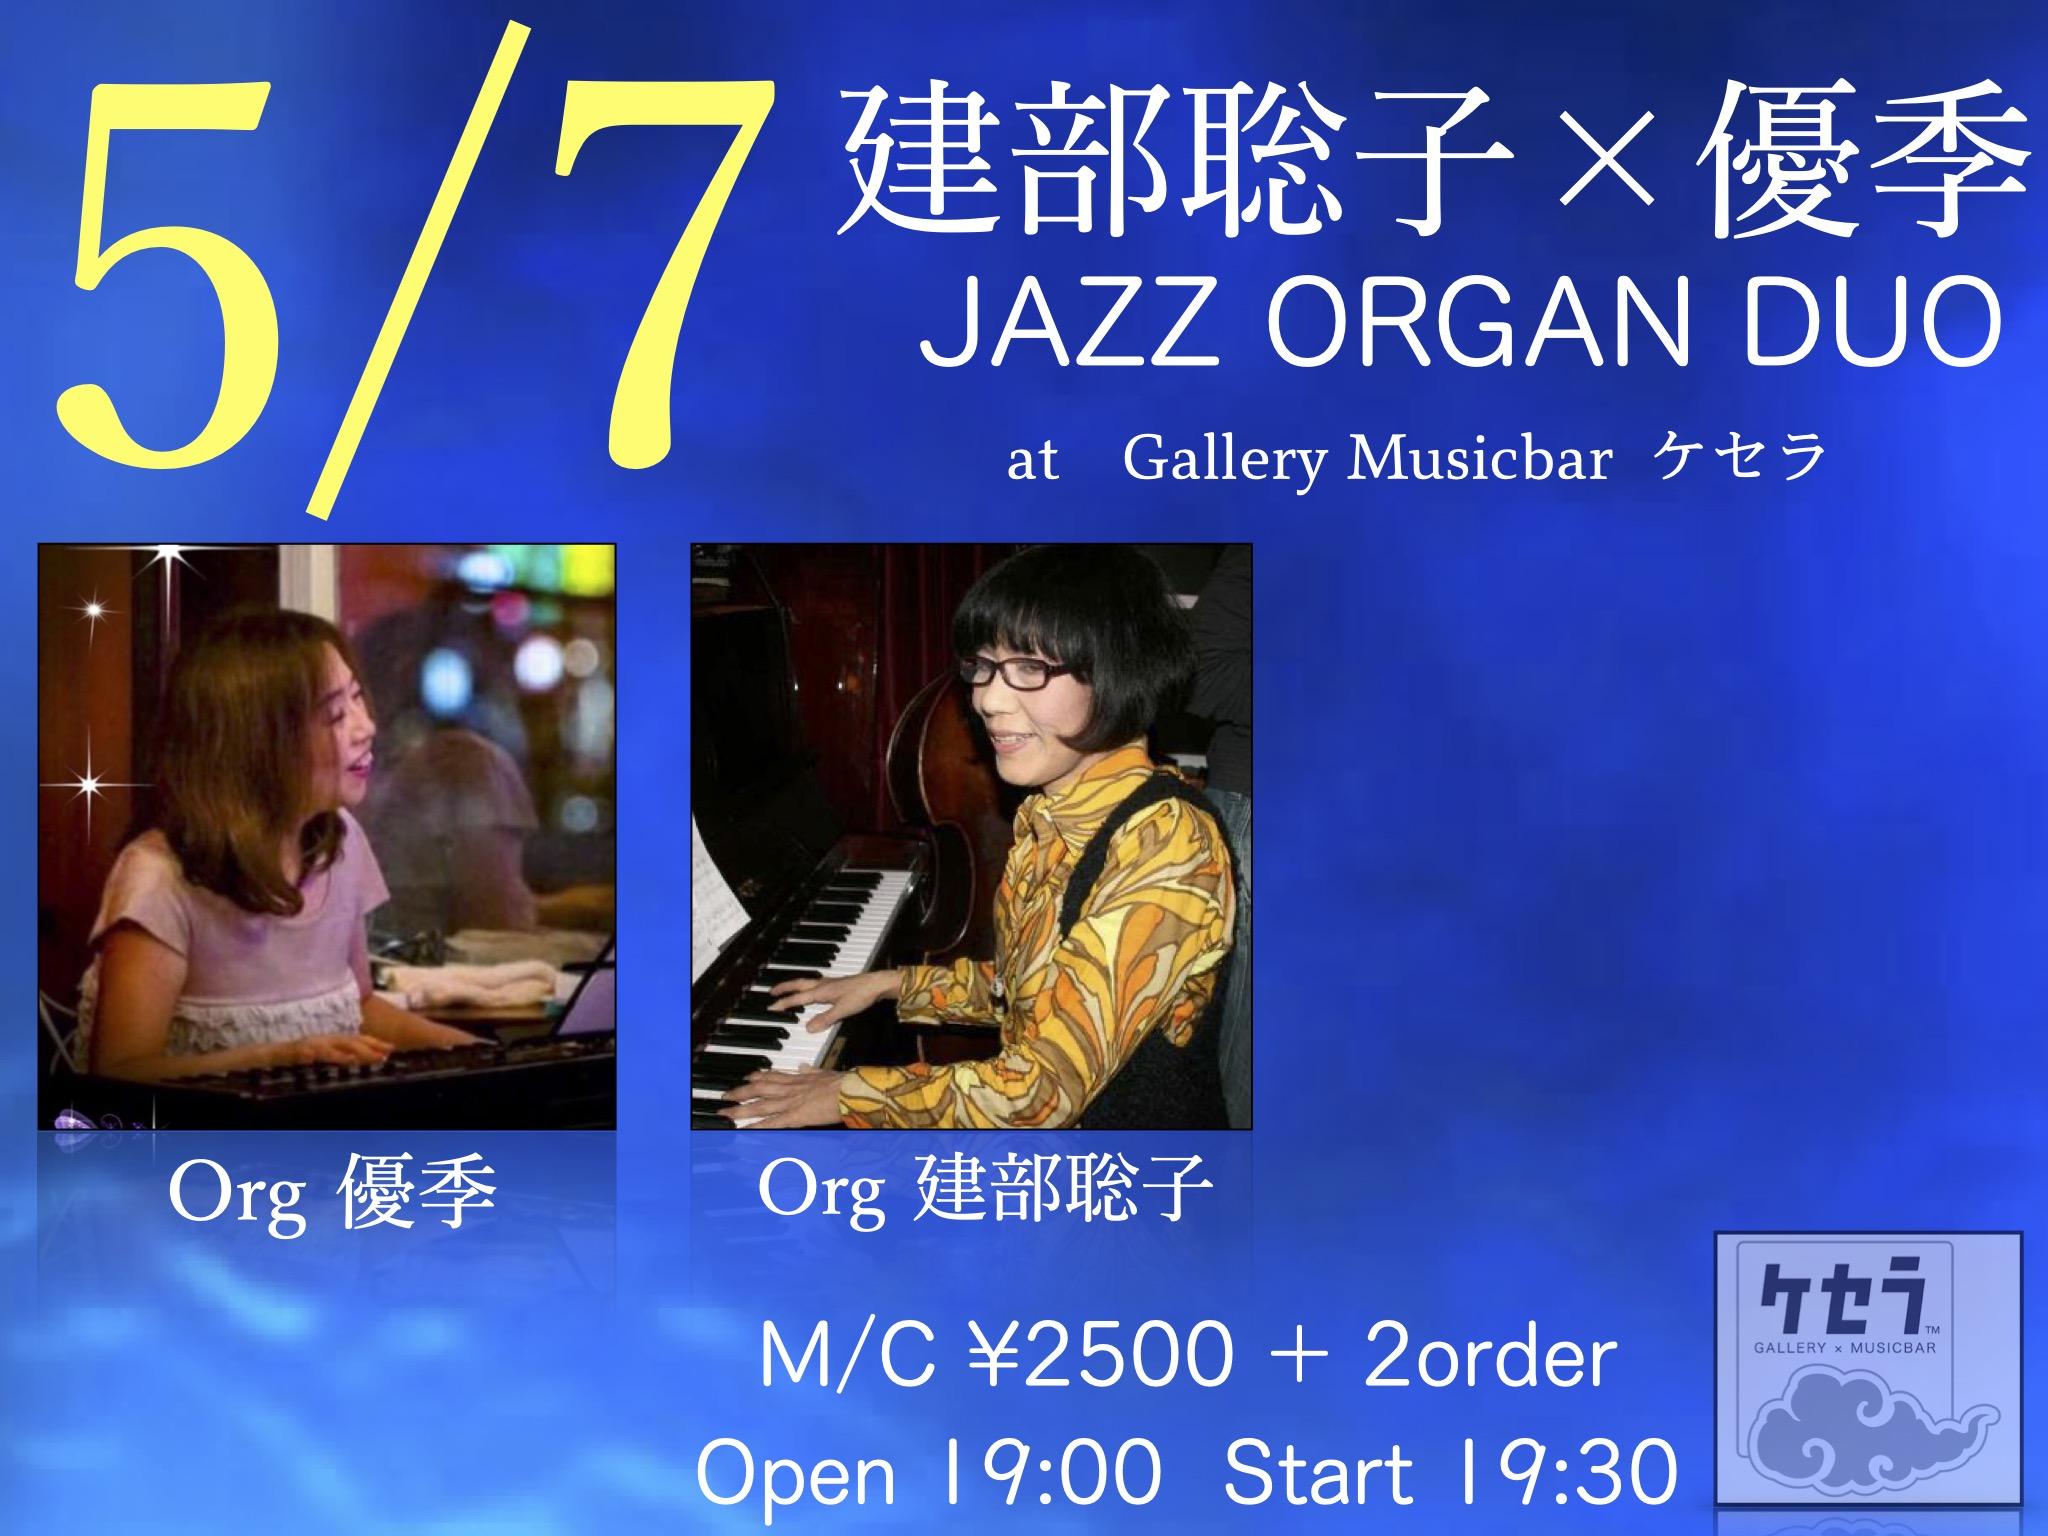 2021/5/7 建部聡子・優季  Jazz Organ duo